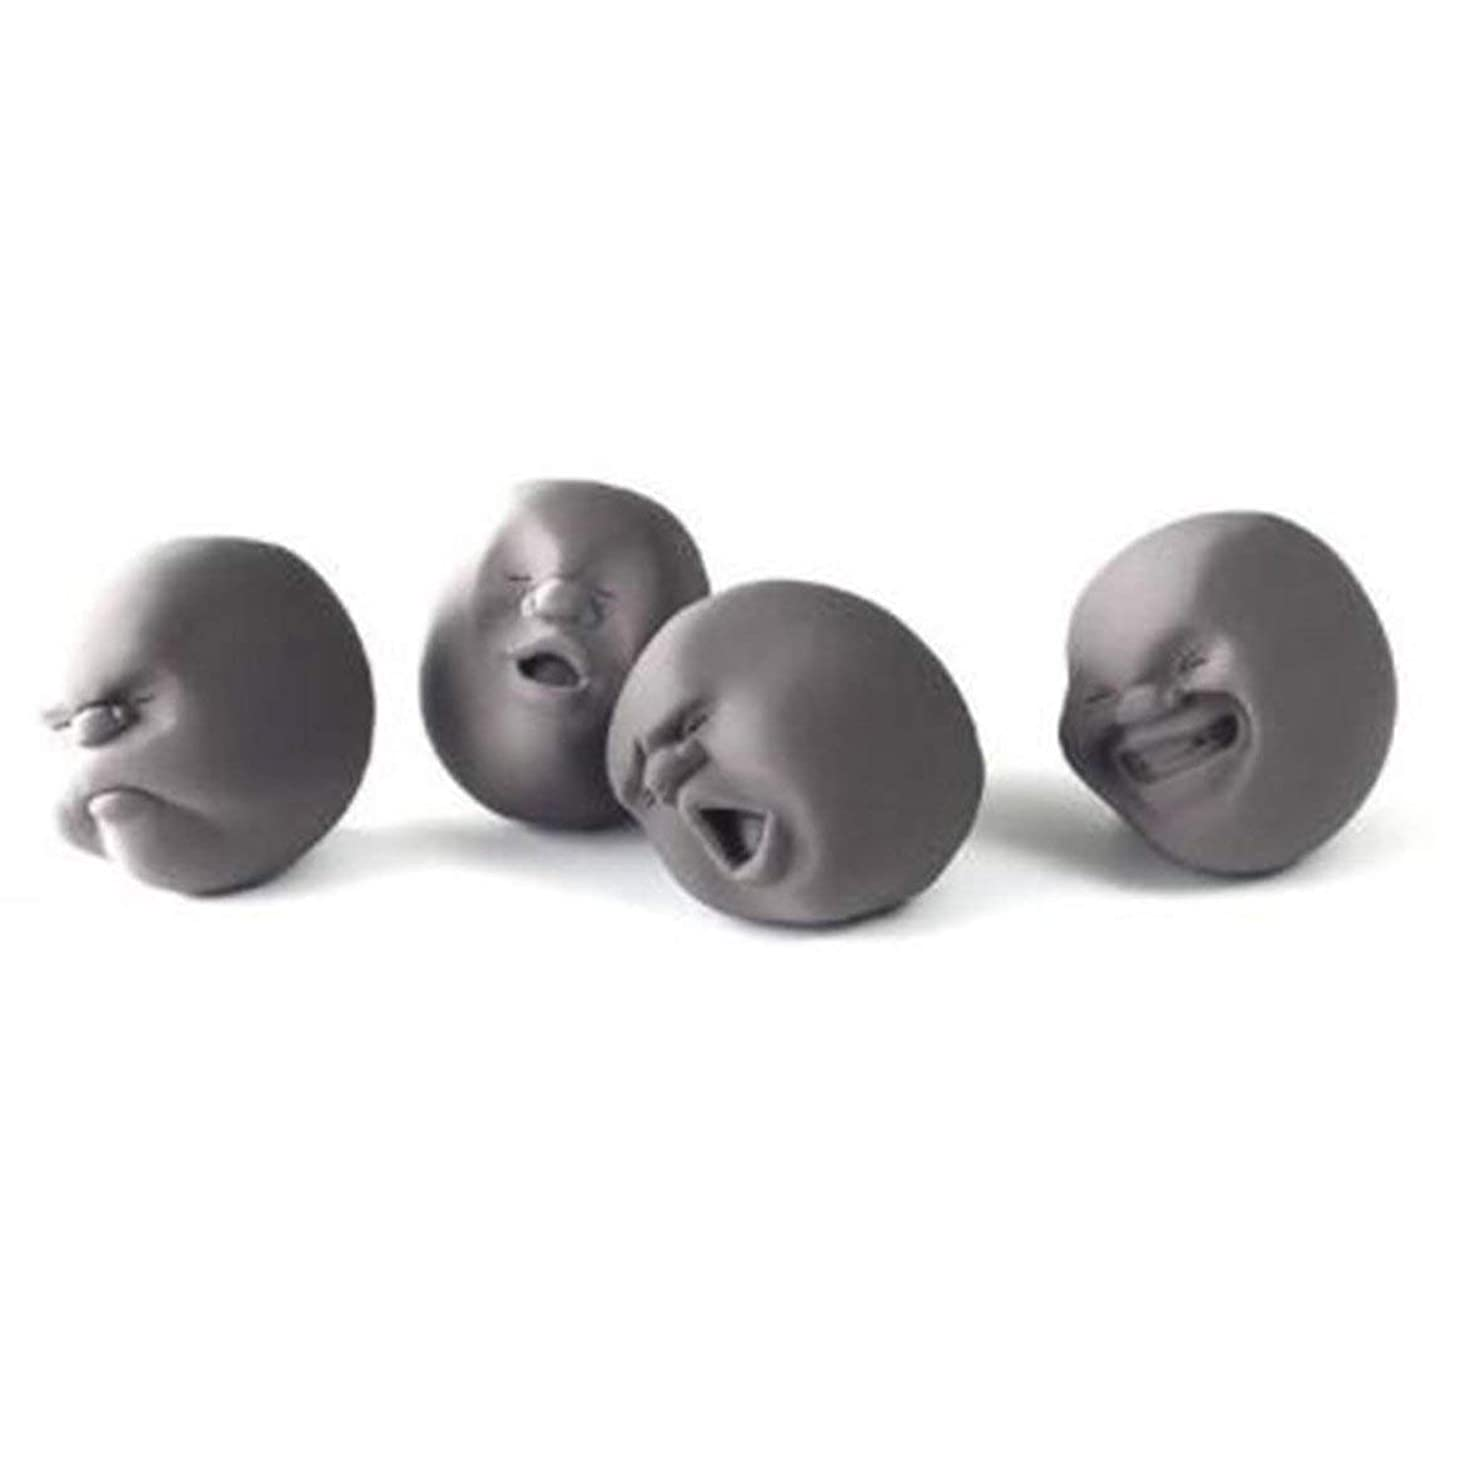 カメラ関税扱いやすいBlackfell 減圧人間の顔ボール面白いアンチストレス玩具